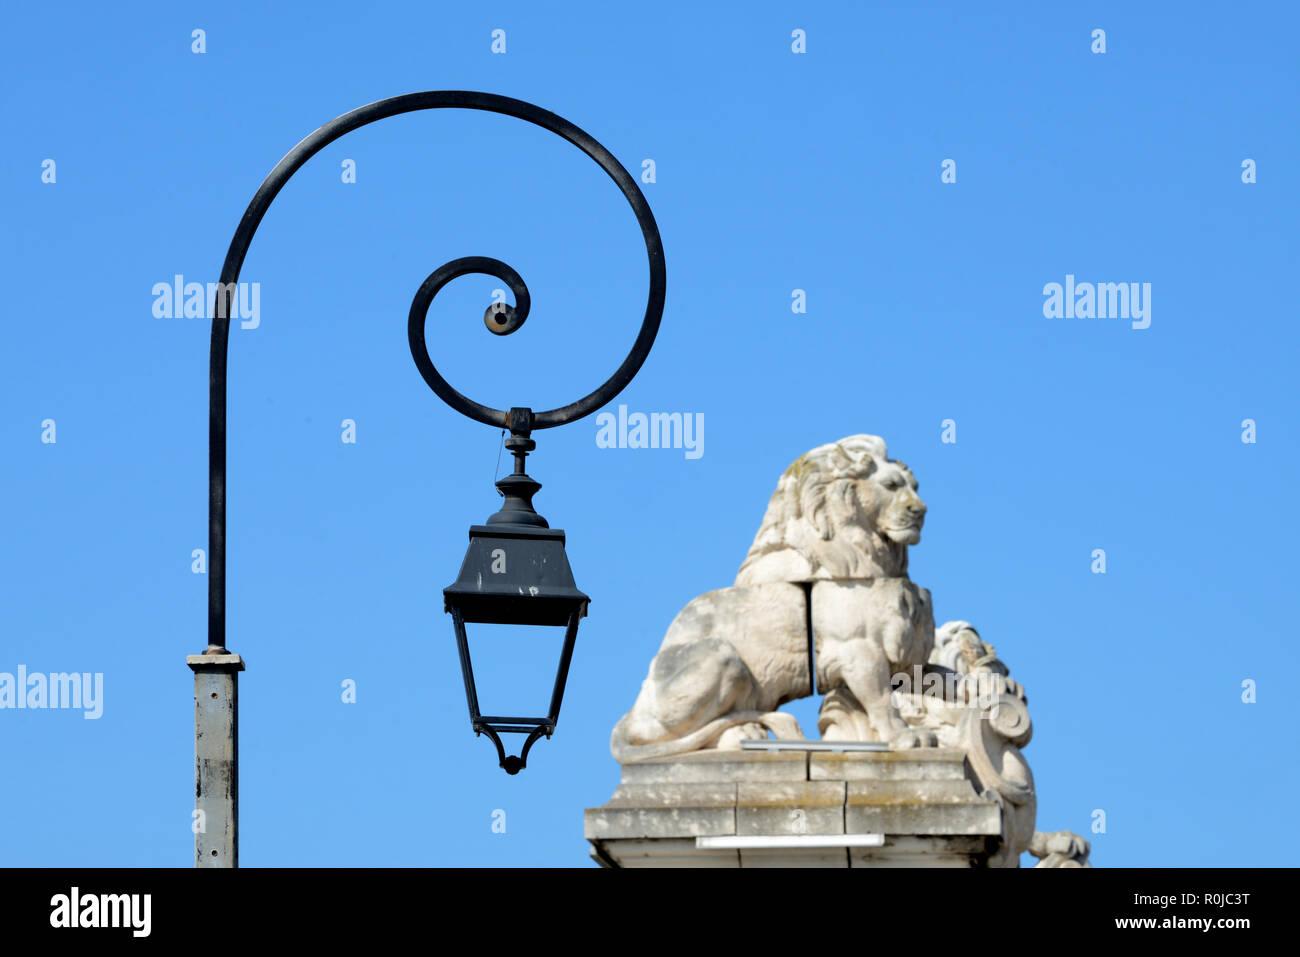 Lumières de rue contemporain ou lampes sculptées en pierre et les Lions au sommet de colonnes ou de l'ancien pont suspendu sur le fleuve Rhône à Arles Provence France Photo Stock